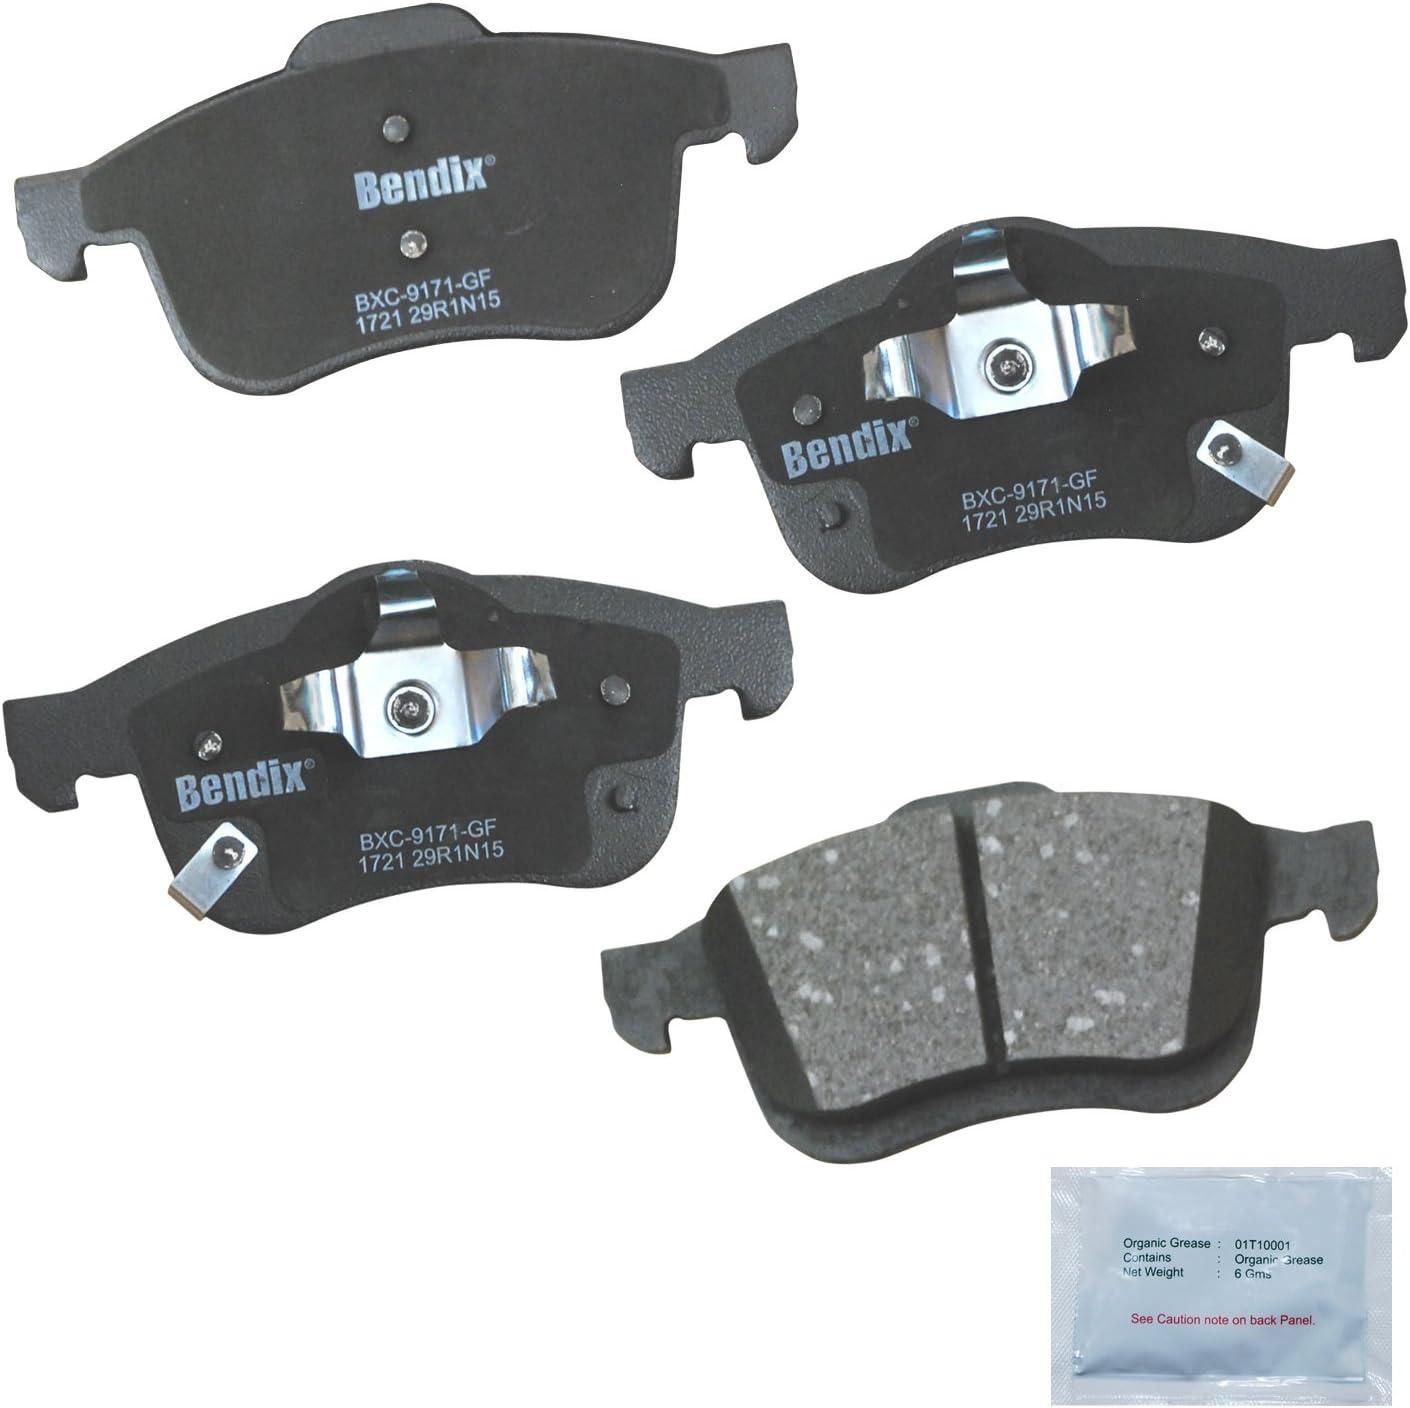 Front Bendix Premium Copper Free CFC1597 Premium Copper Free Ceramic Brake Pad